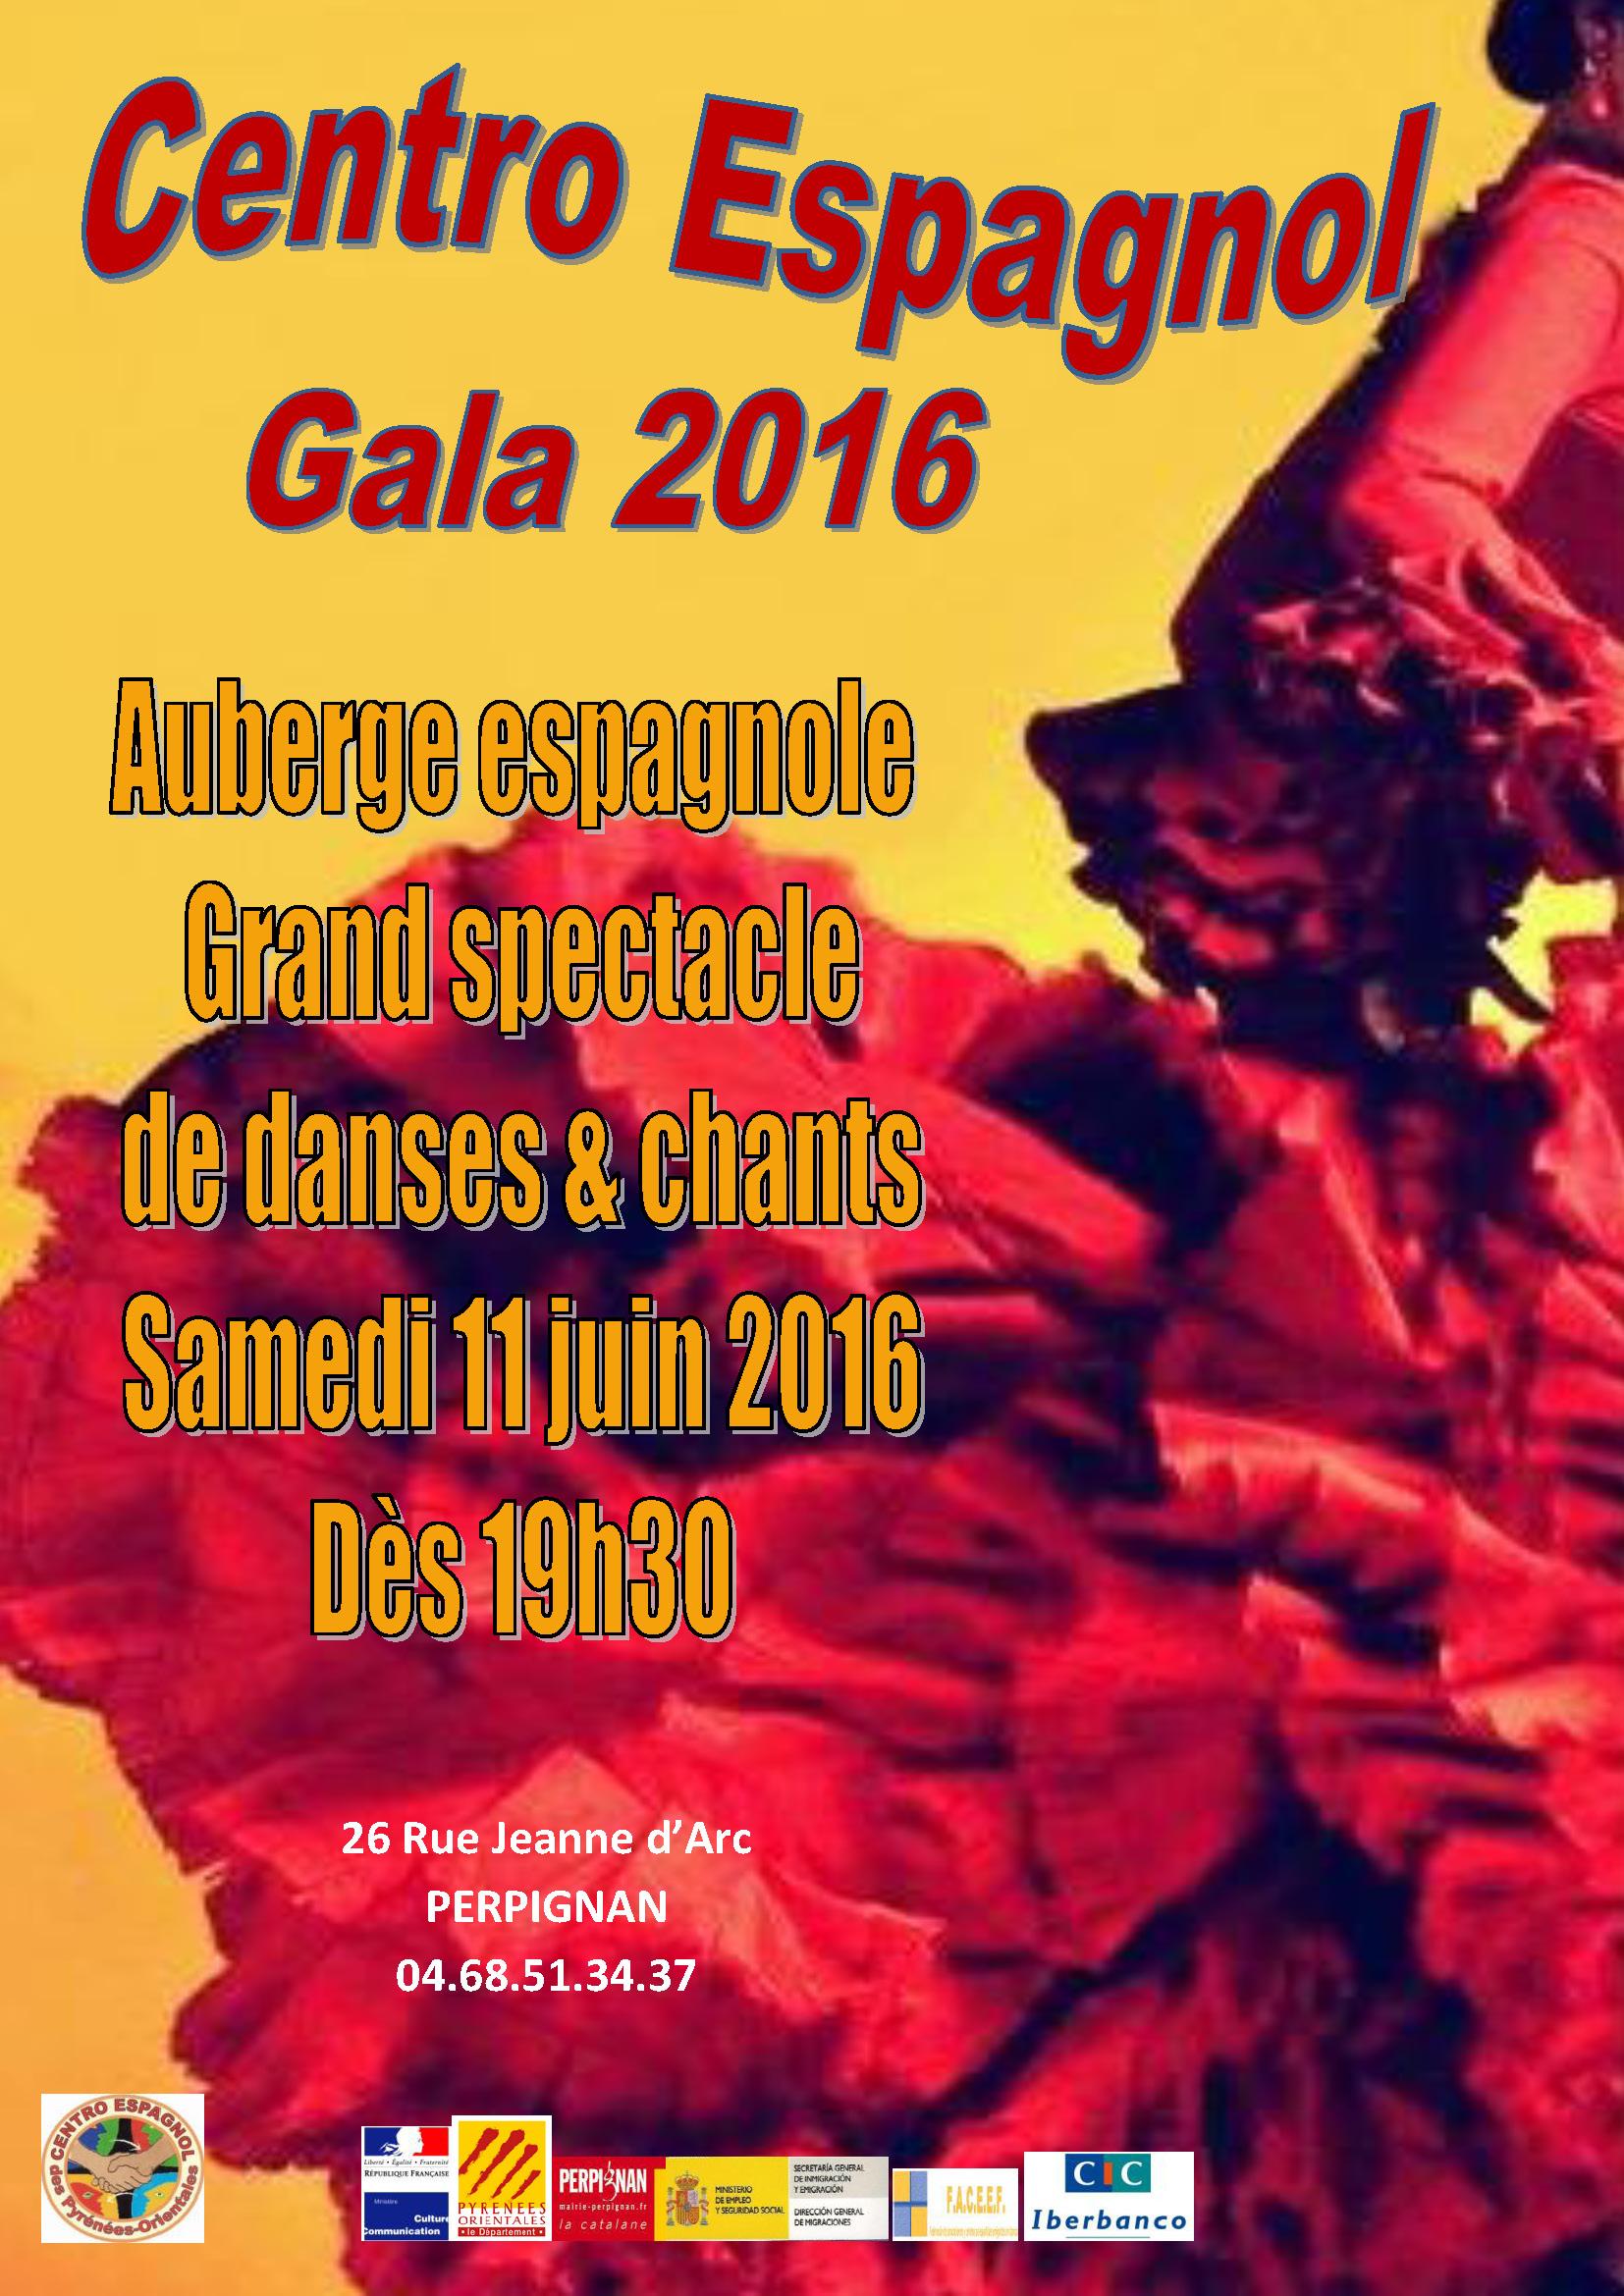 Affiche Gala 2016